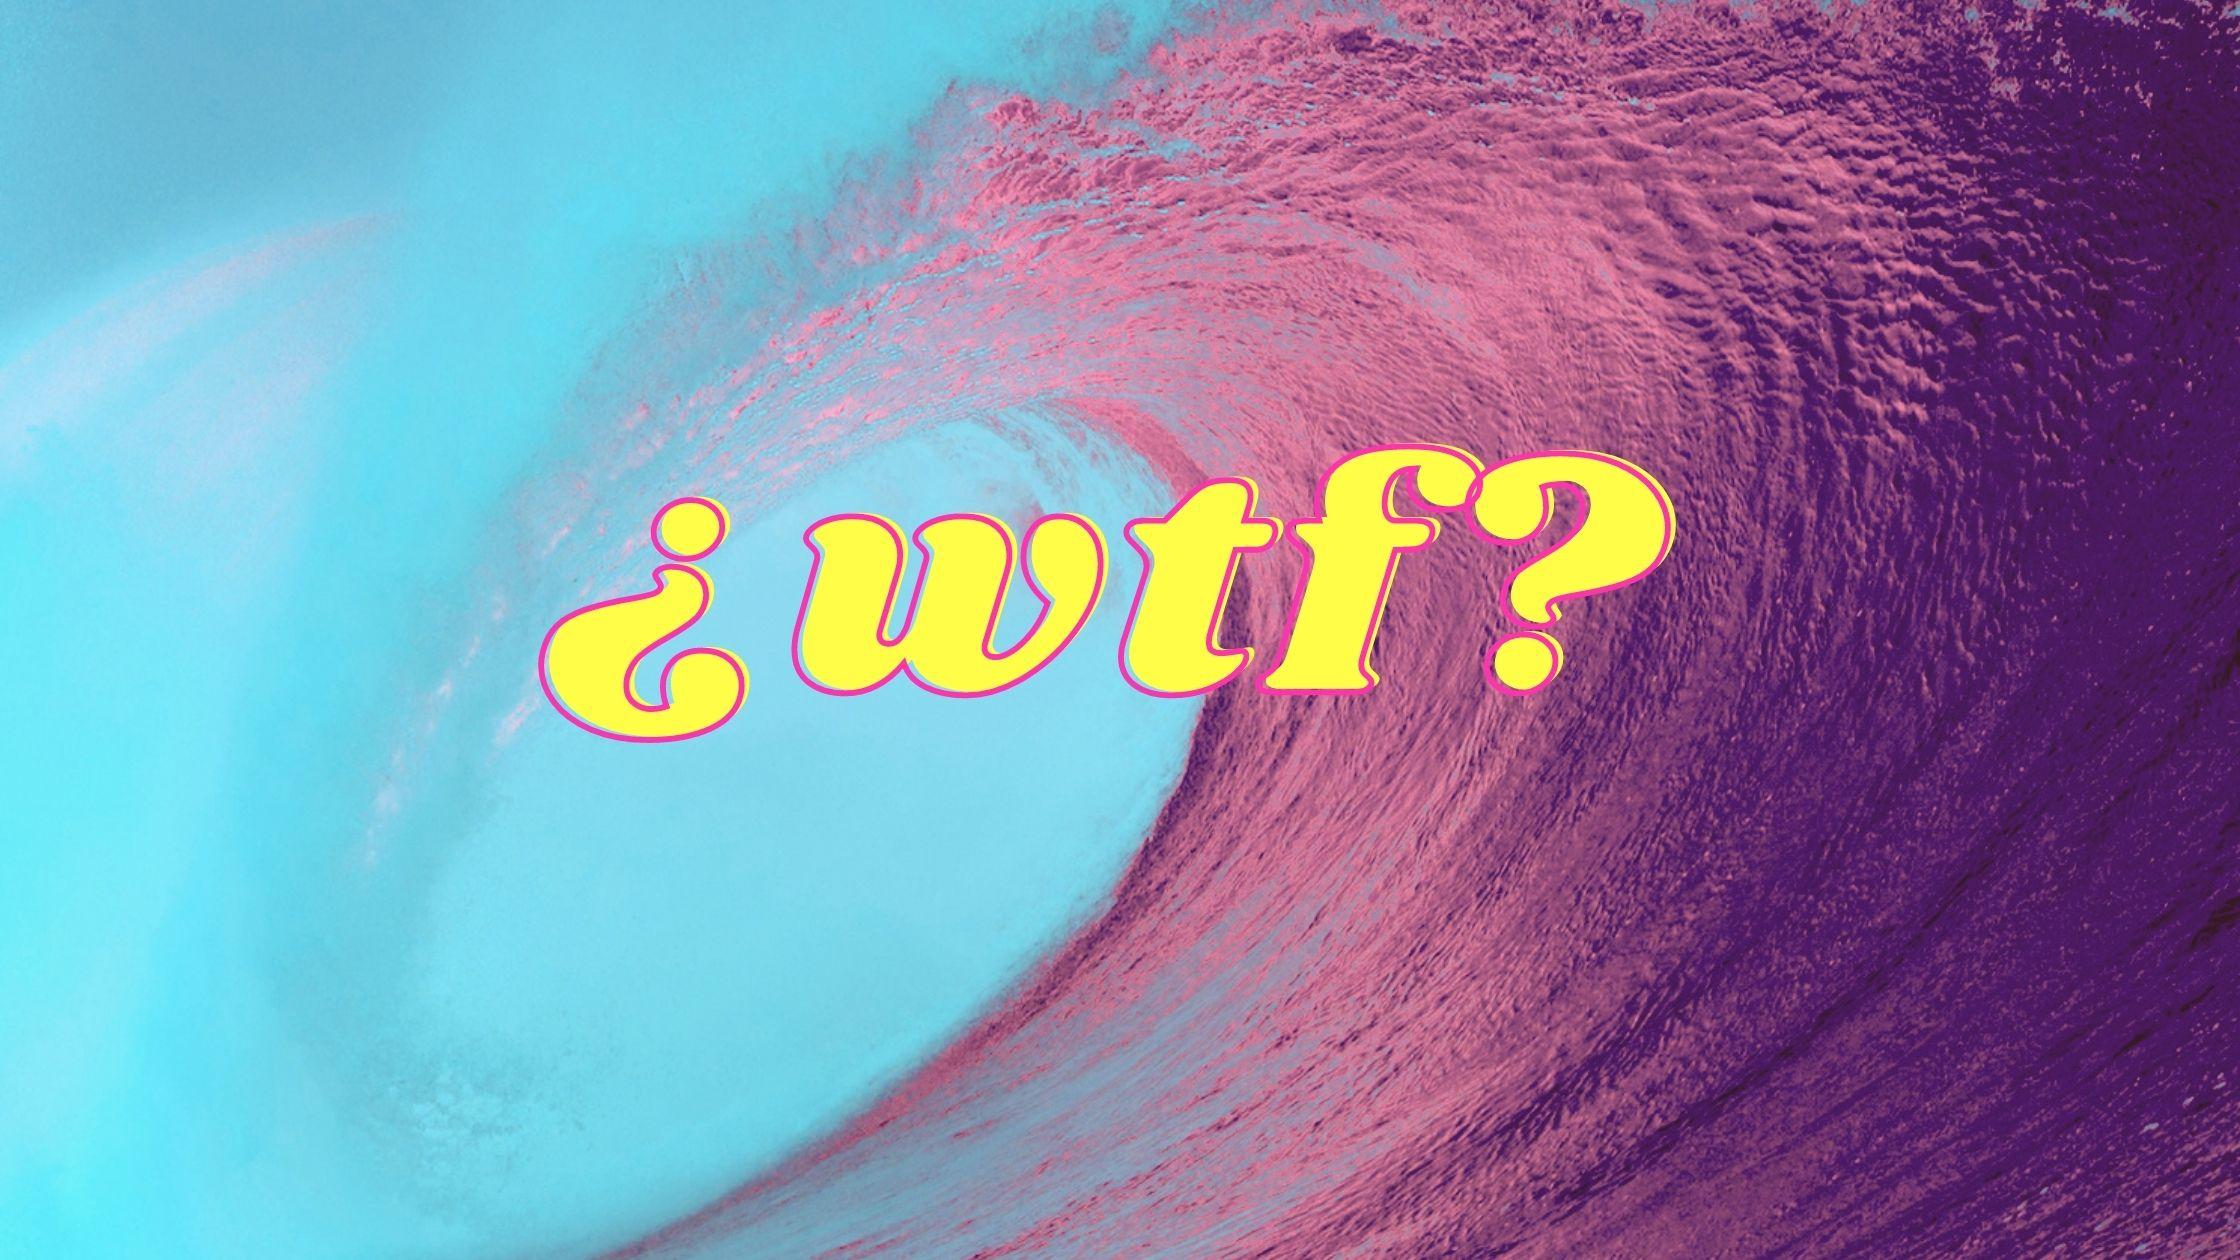 que significa wtf